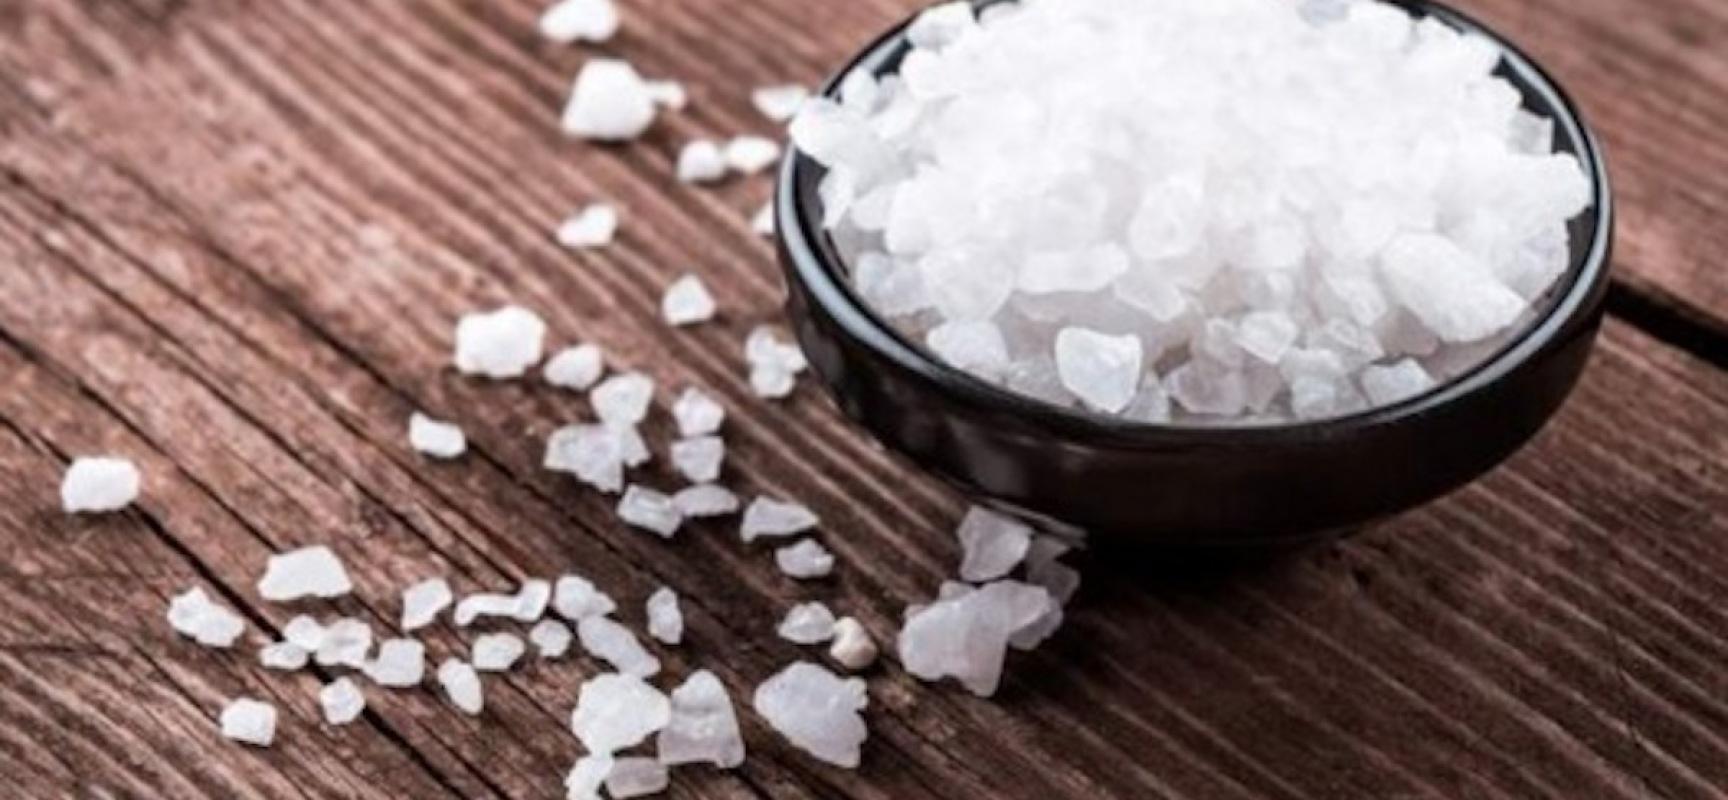 Metti 200 gr di sale grosso in un angolo della casa o su - Bagno con sale grosso ...